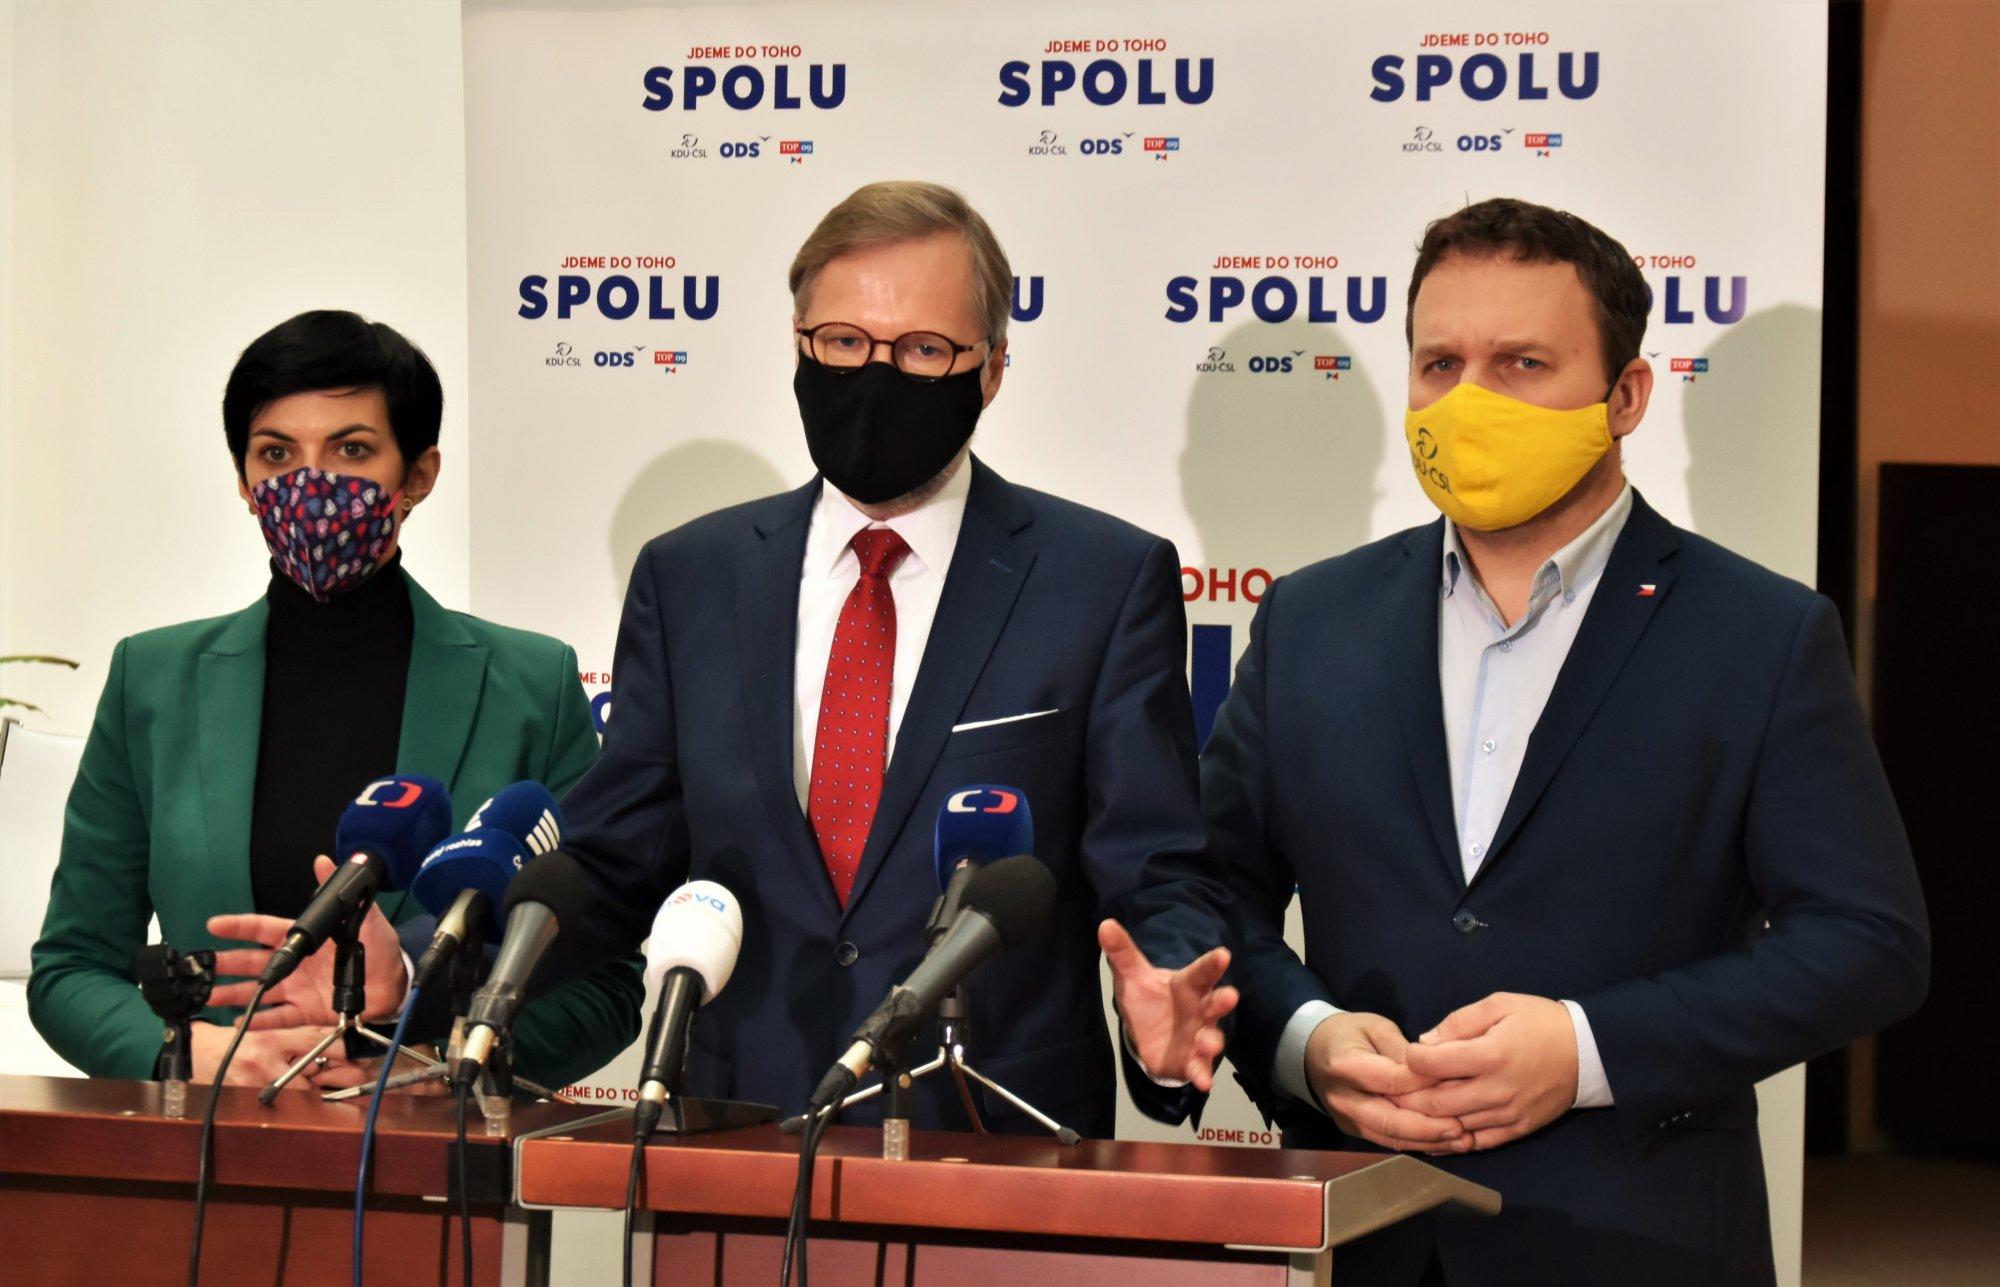 SPOLU: Hnutí ANO nedrží slovo, nepodpořilo projednání volebního zákona ani okolnosti prodloužení nouzového stavu. Ten nepodpoříme